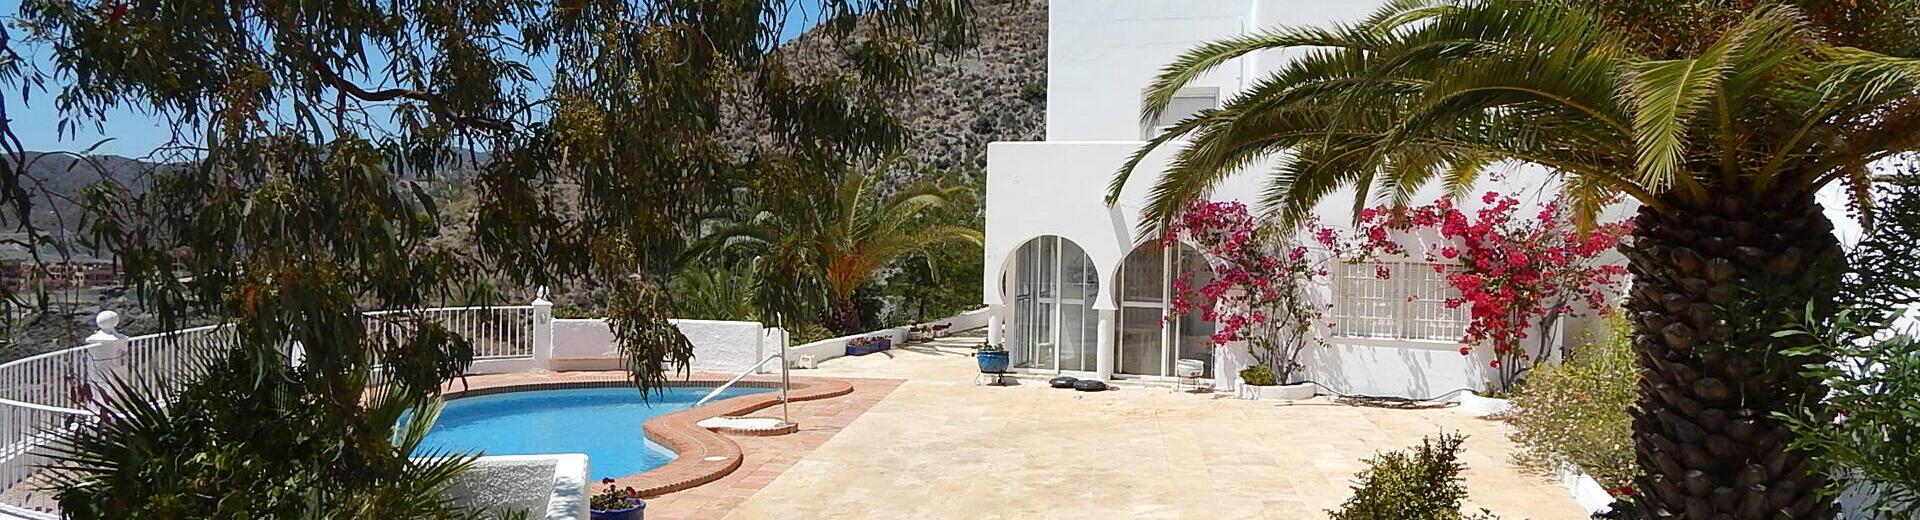 VIP7840: Villa en Venta